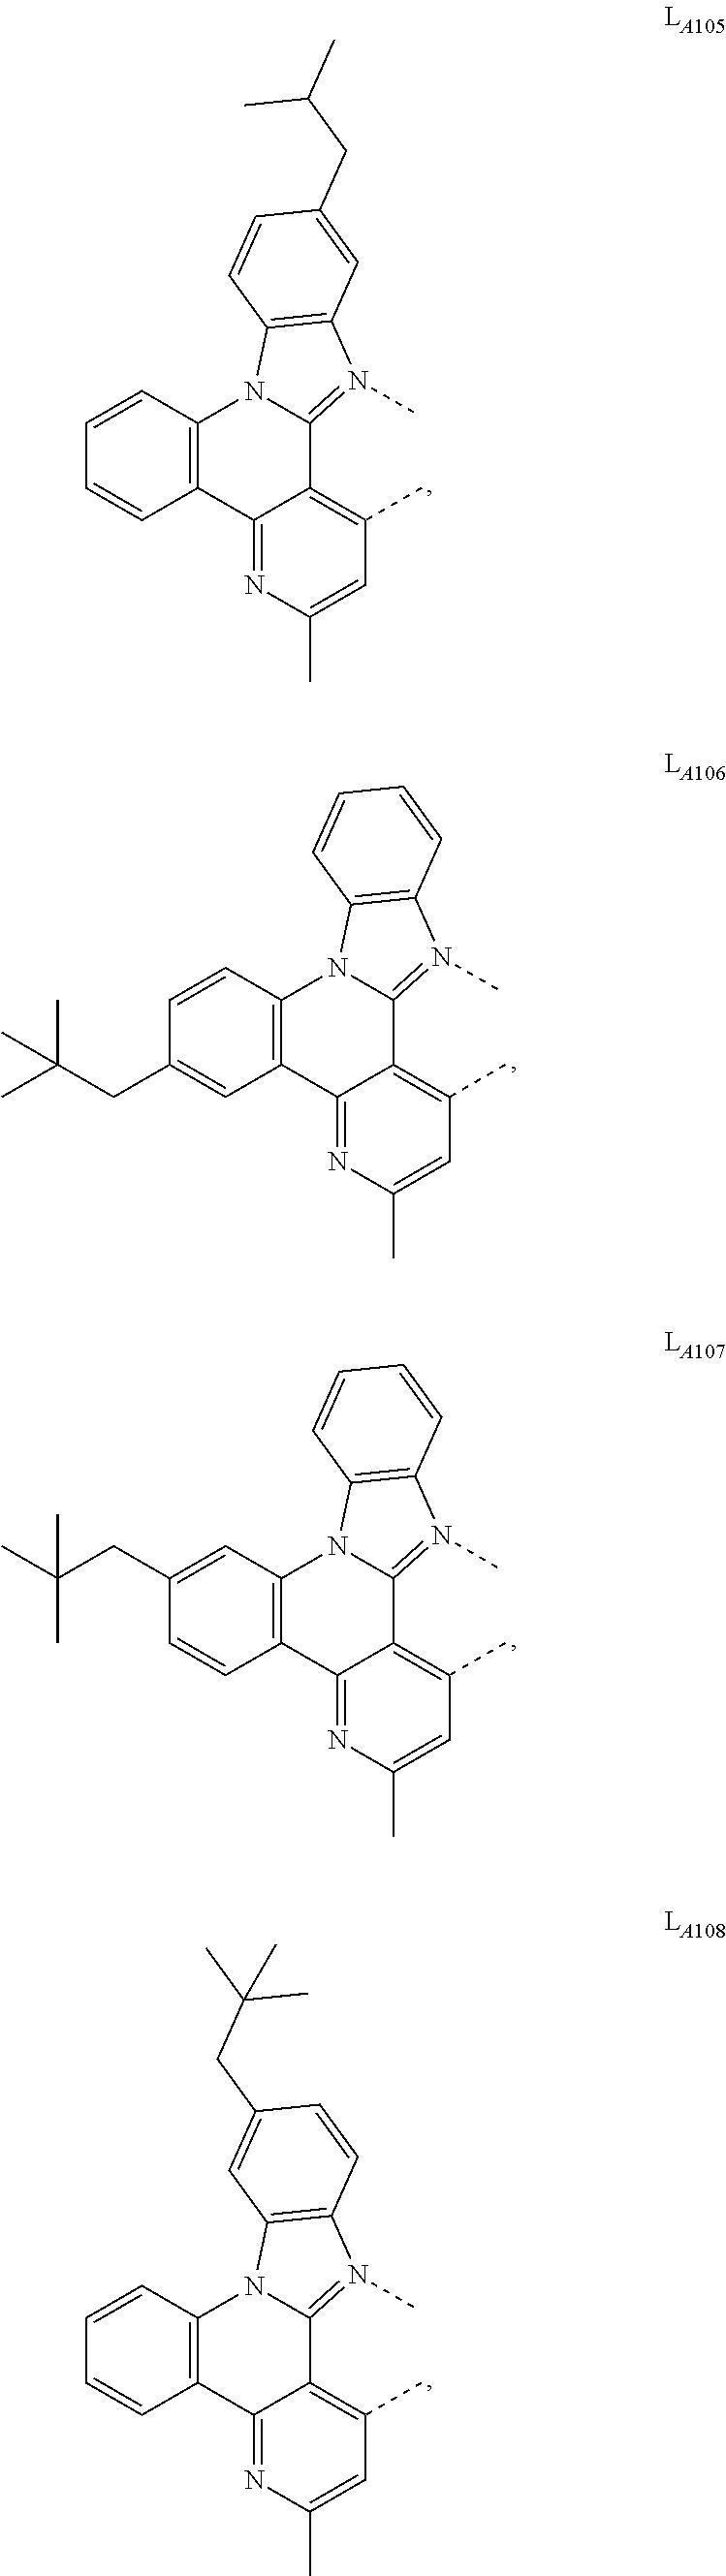 Figure US09905785-20180227-C00049